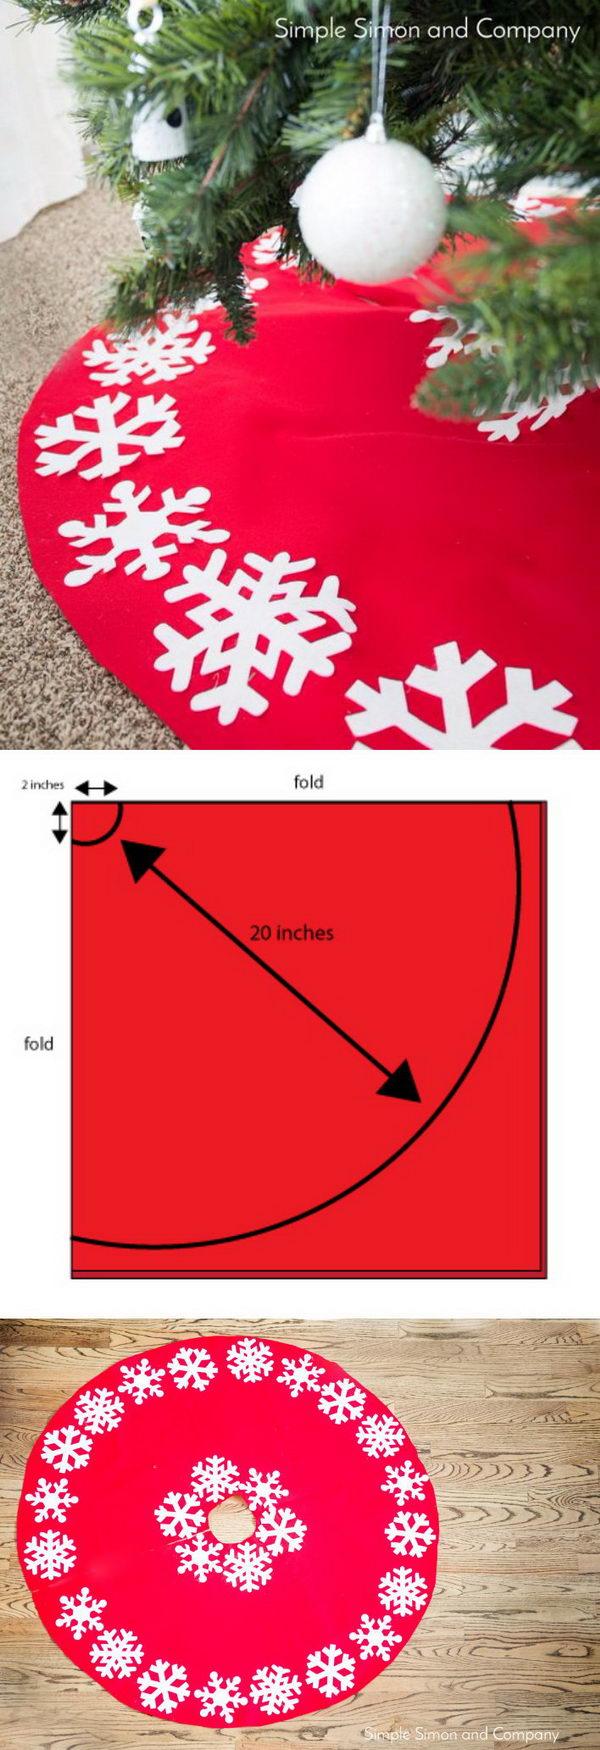 Egy dolog, amit idén mindenképp szerezz be a karácsonyfához